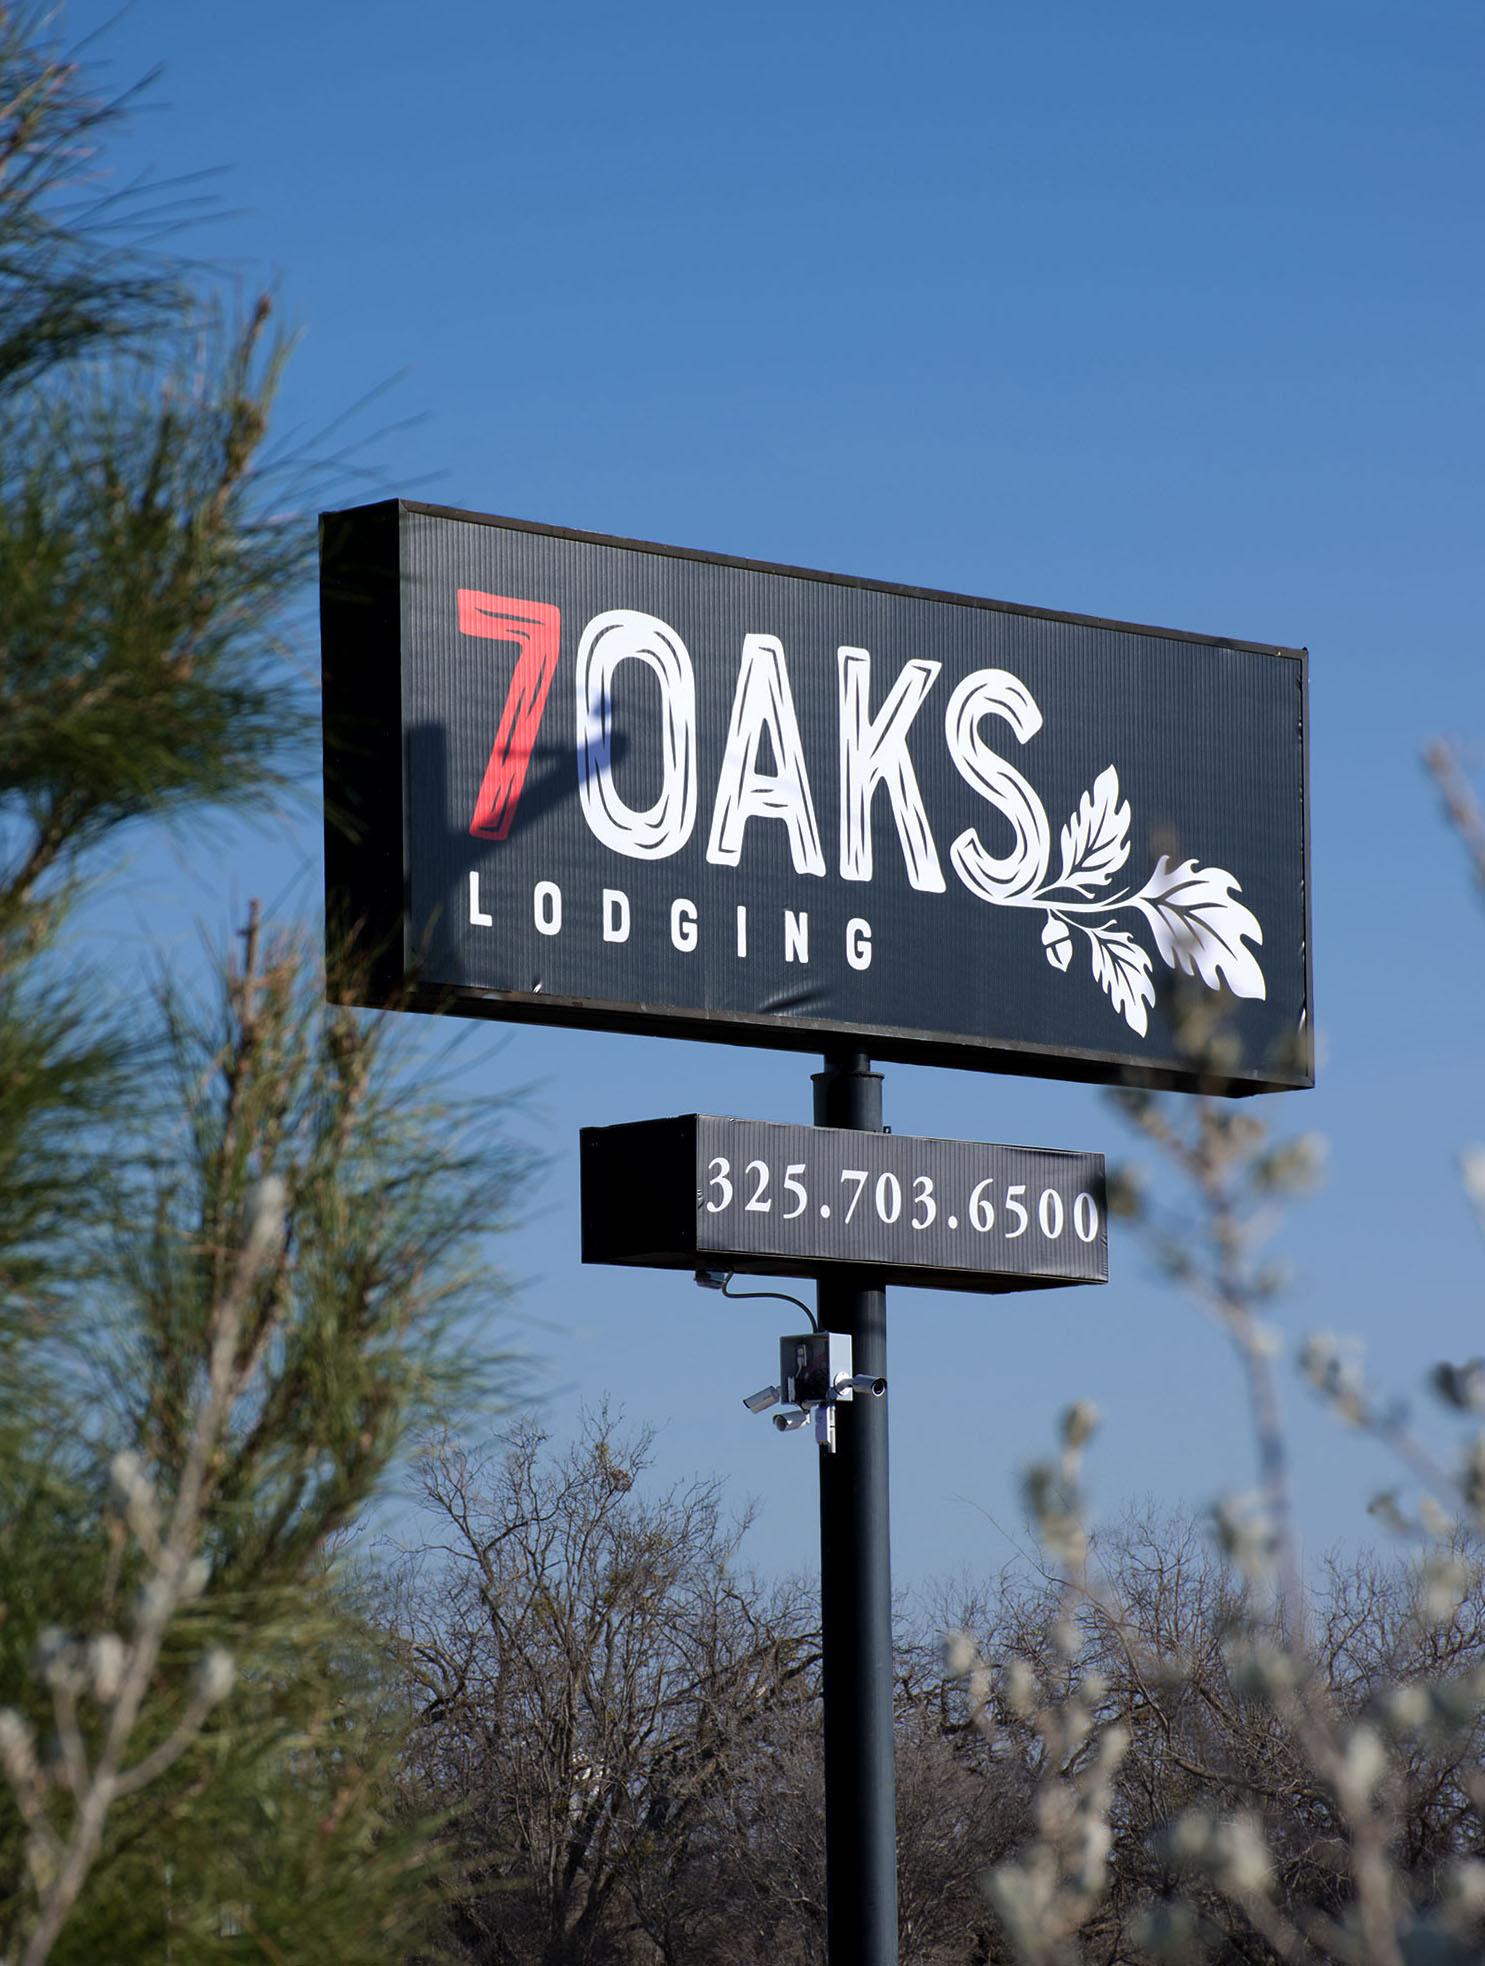 7 Oaks Lodging